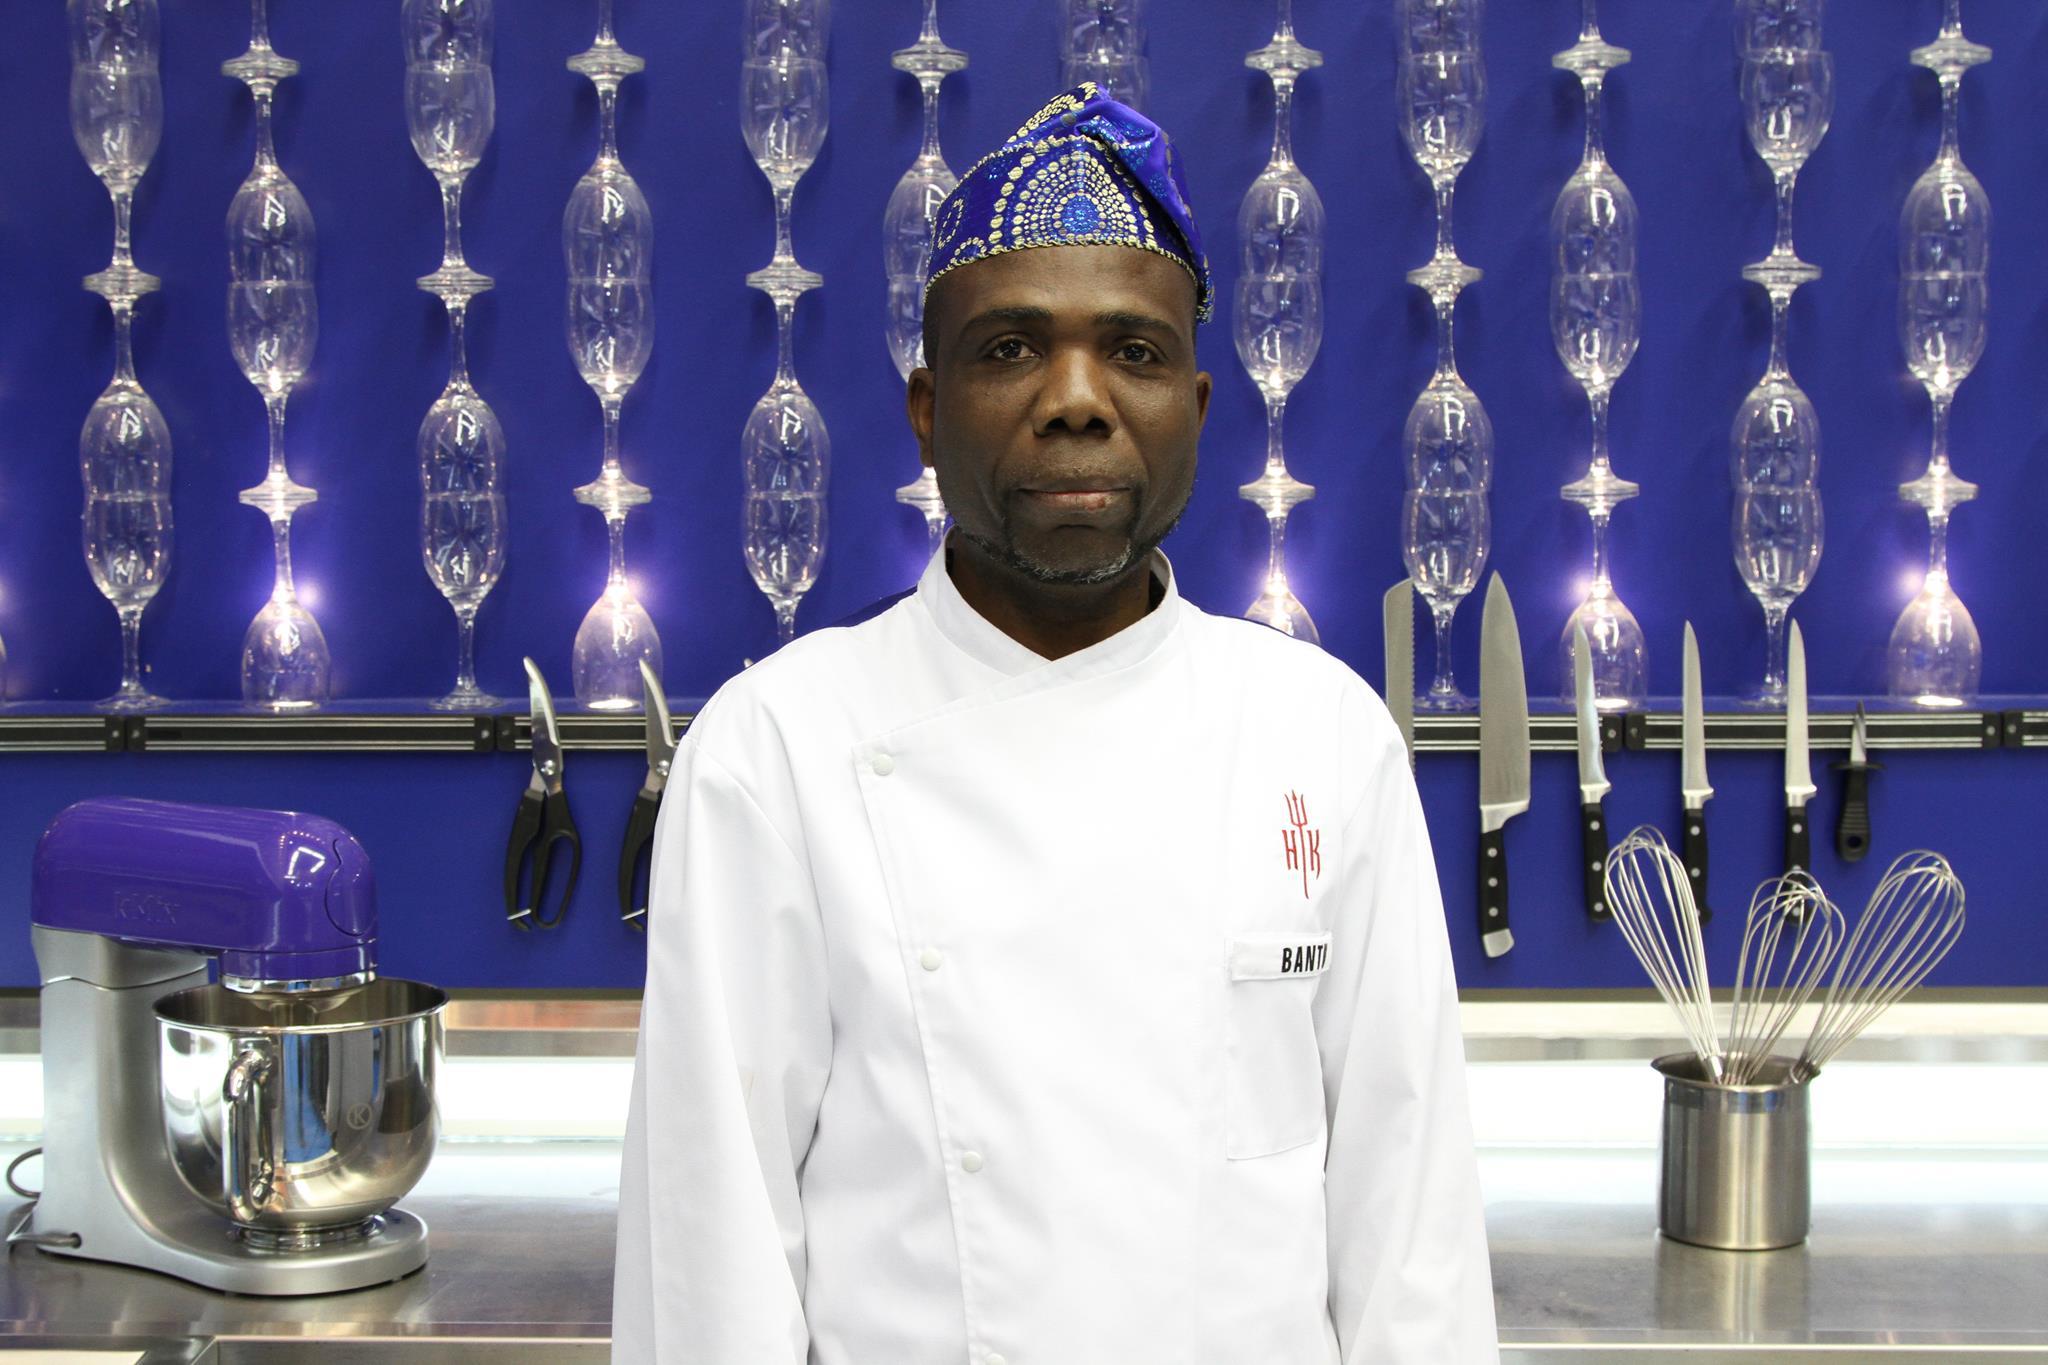 Bantu é angolano e chegou no Brasil há 26 anos. Deu aula de história e geografia, montou um restaurante de comida africana mas hoje trabalha em uma barraca. Já venceu um programa culinário na Bélgica, concorrendo com 185 chefs (Gabriel Gabe/SBT)